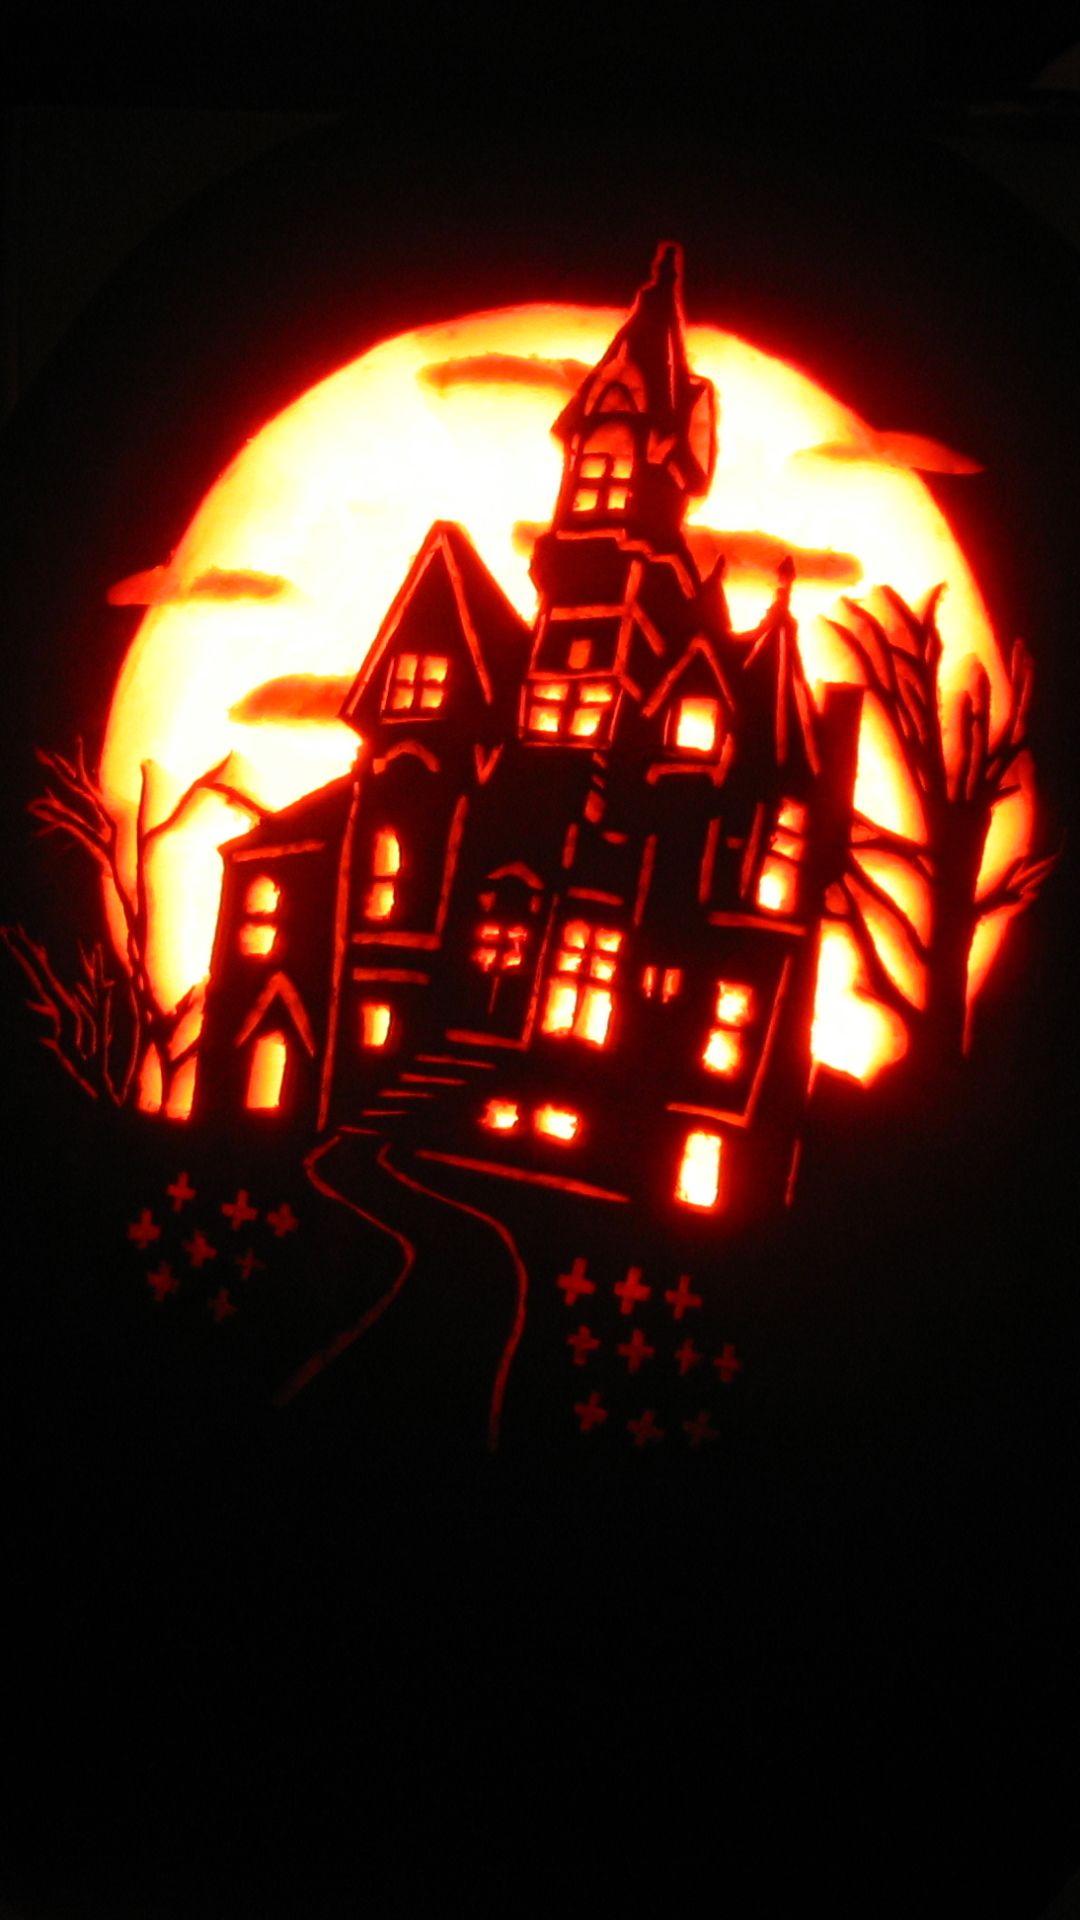 Hd Wallpaper 95 Halloween Wallpaper Halloween Images Halloween Horror Nights